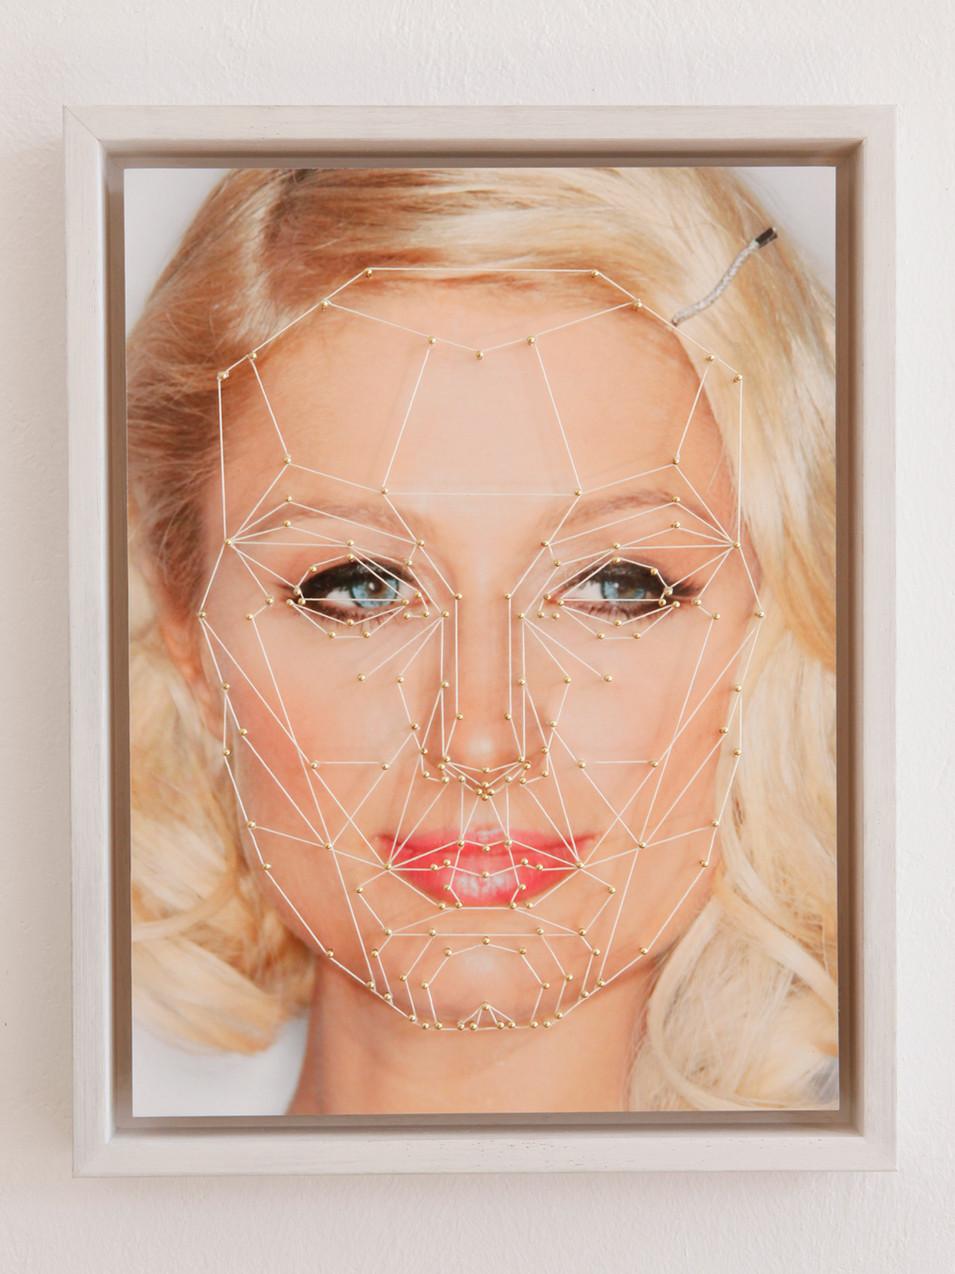 Anna Herrgott | MARQUARDT -P- | 2015 | Nägel und Schnur auf Fine Art Print 45 cm x 35 cm x 4,5 cm m.R. | Auflage 3